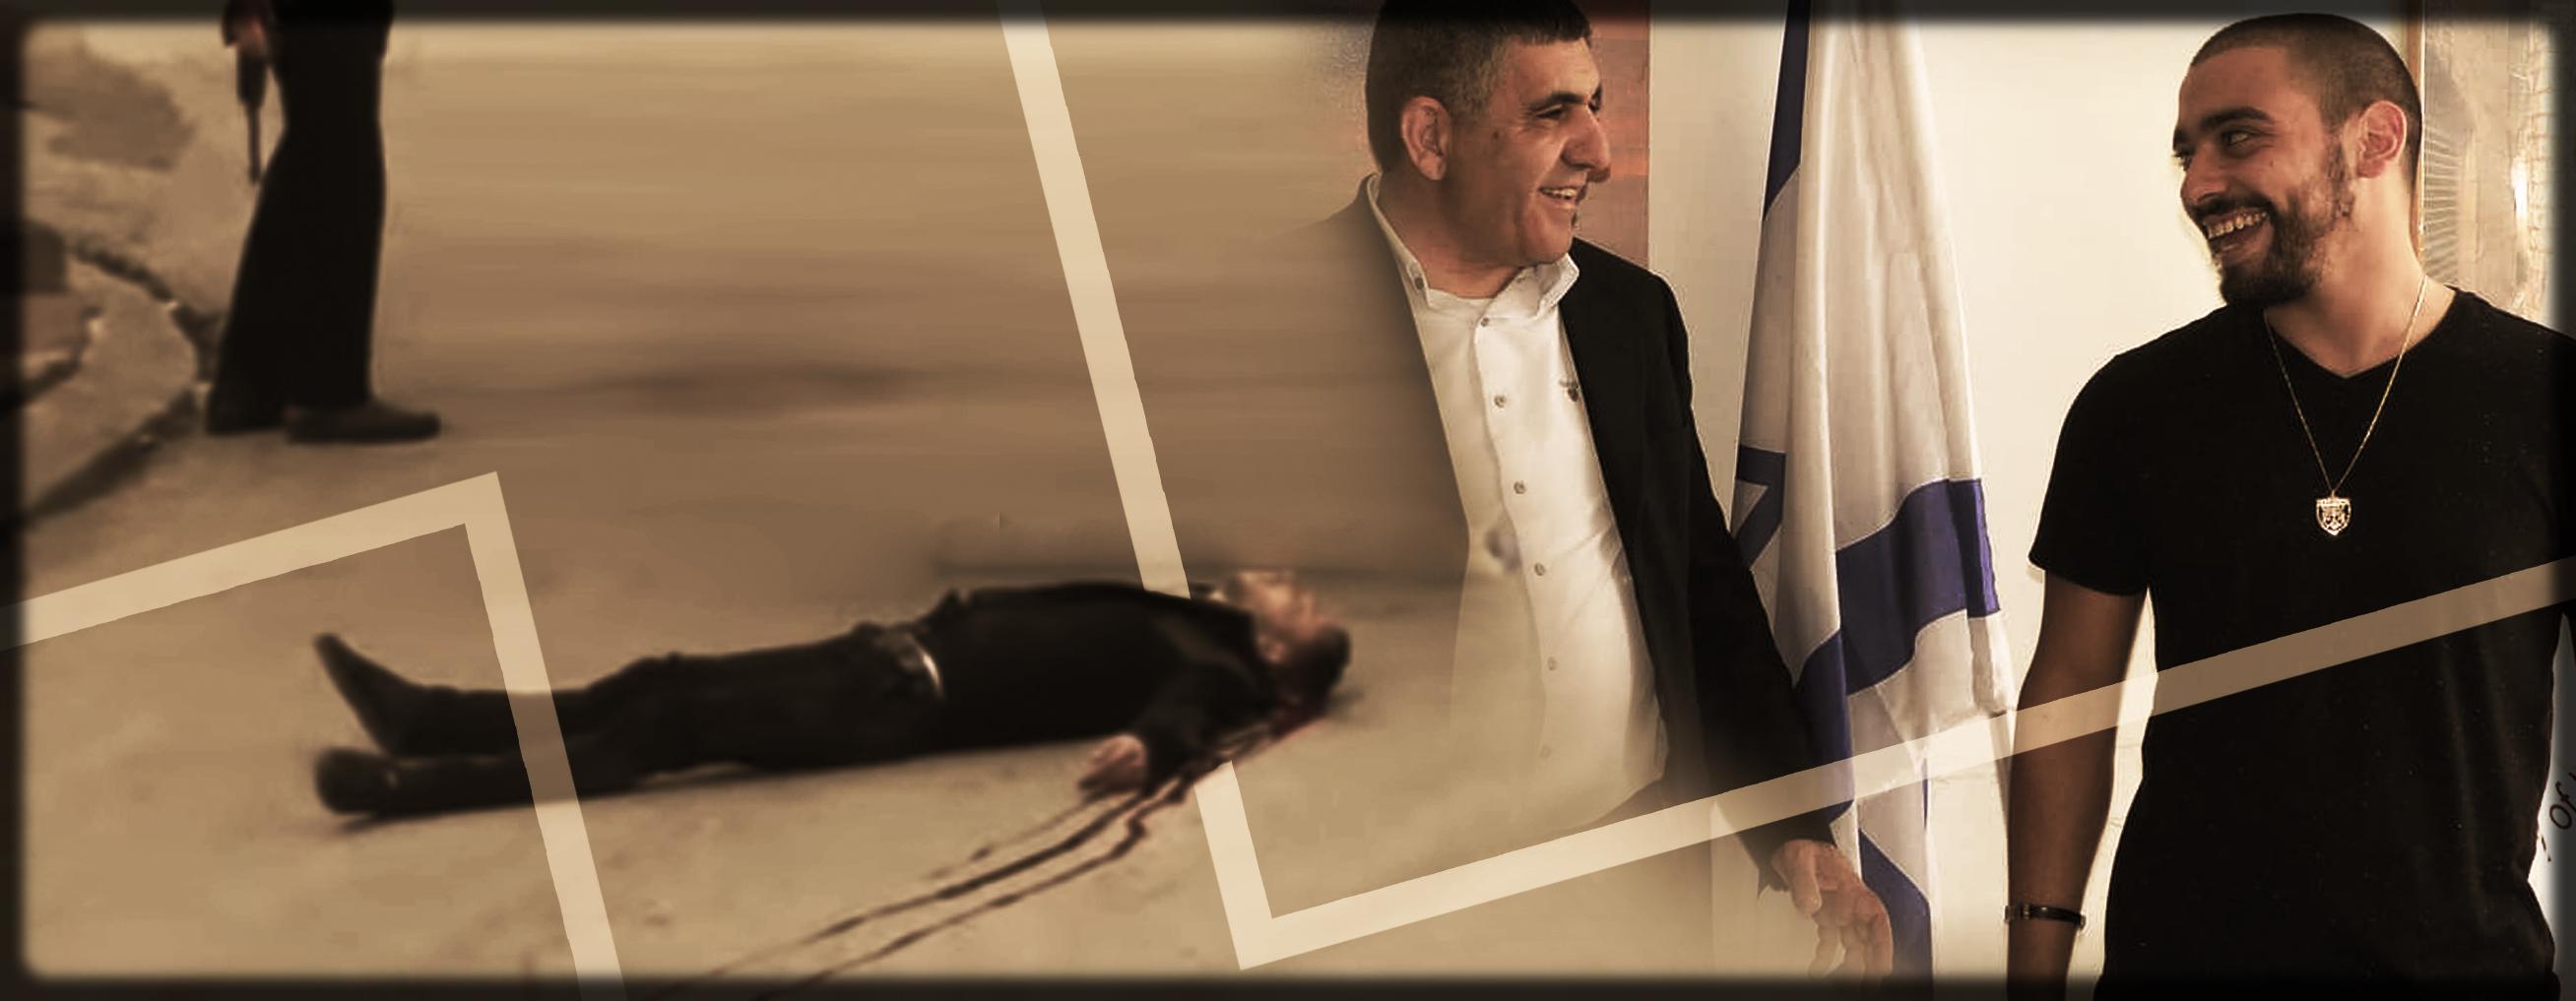 Vom kaltblütigen Mörder zum Nationalhelden – Elor Azaria und die Tragik israelischer Politik <br>  <span id='sec-title'>Das Brennglas auf Israels Gesellschaft</span>